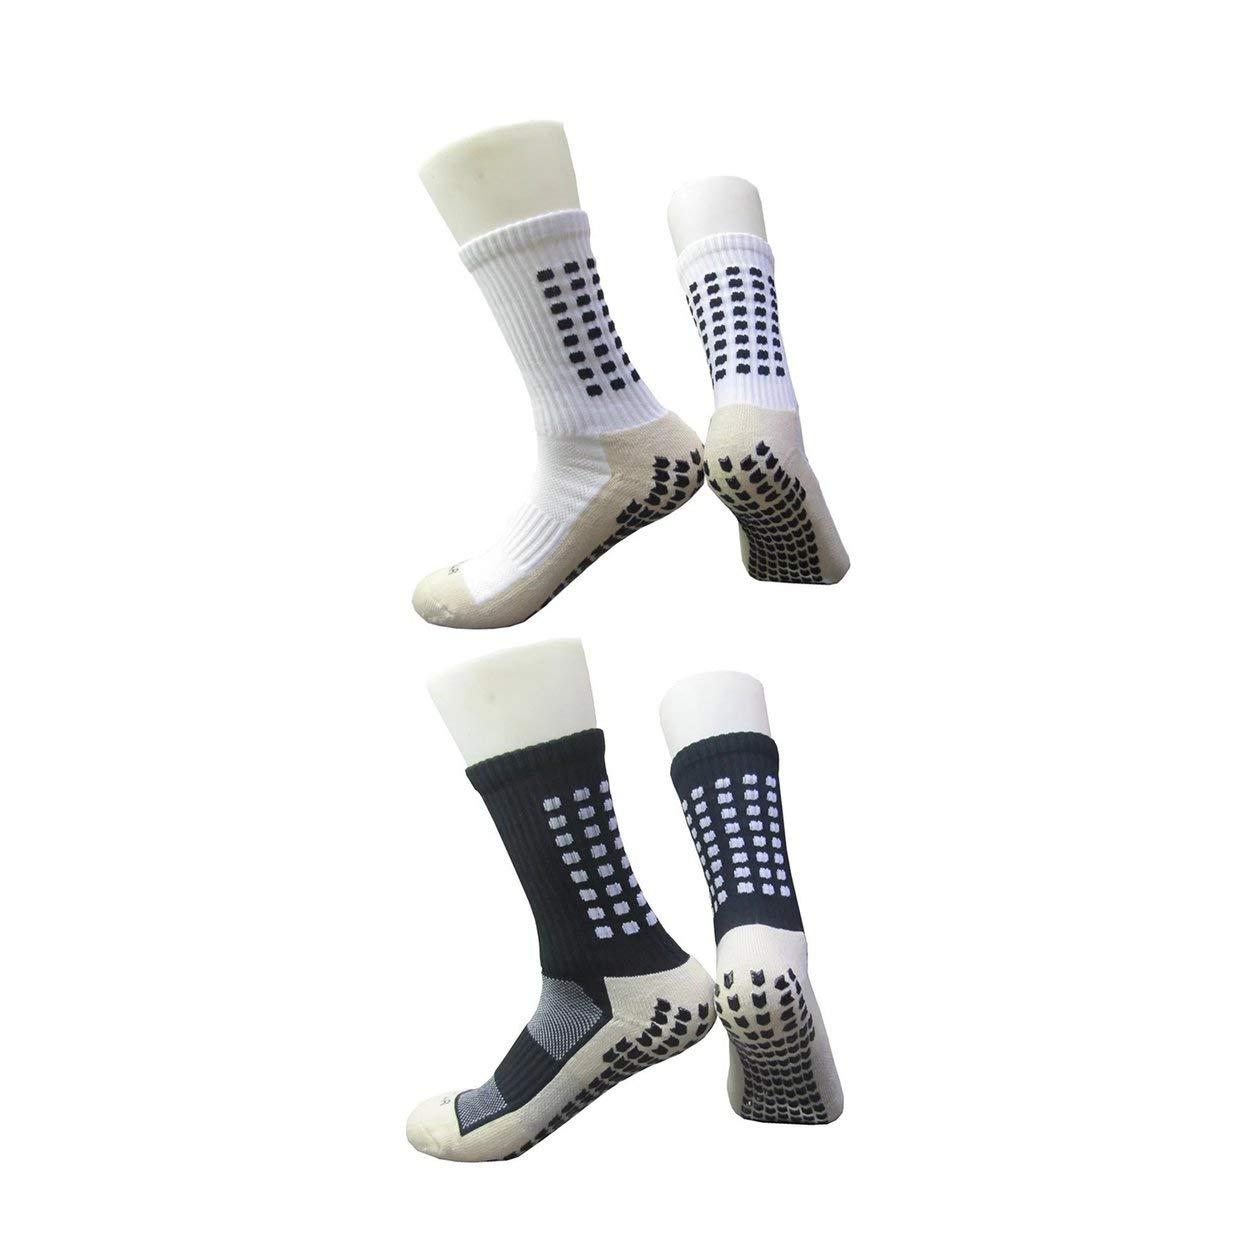 LoveOlvidoF 2 Paires de Chaussettes de Sport antidé rapantes de Football de Style de Football de Style de Tocksox de Trusox